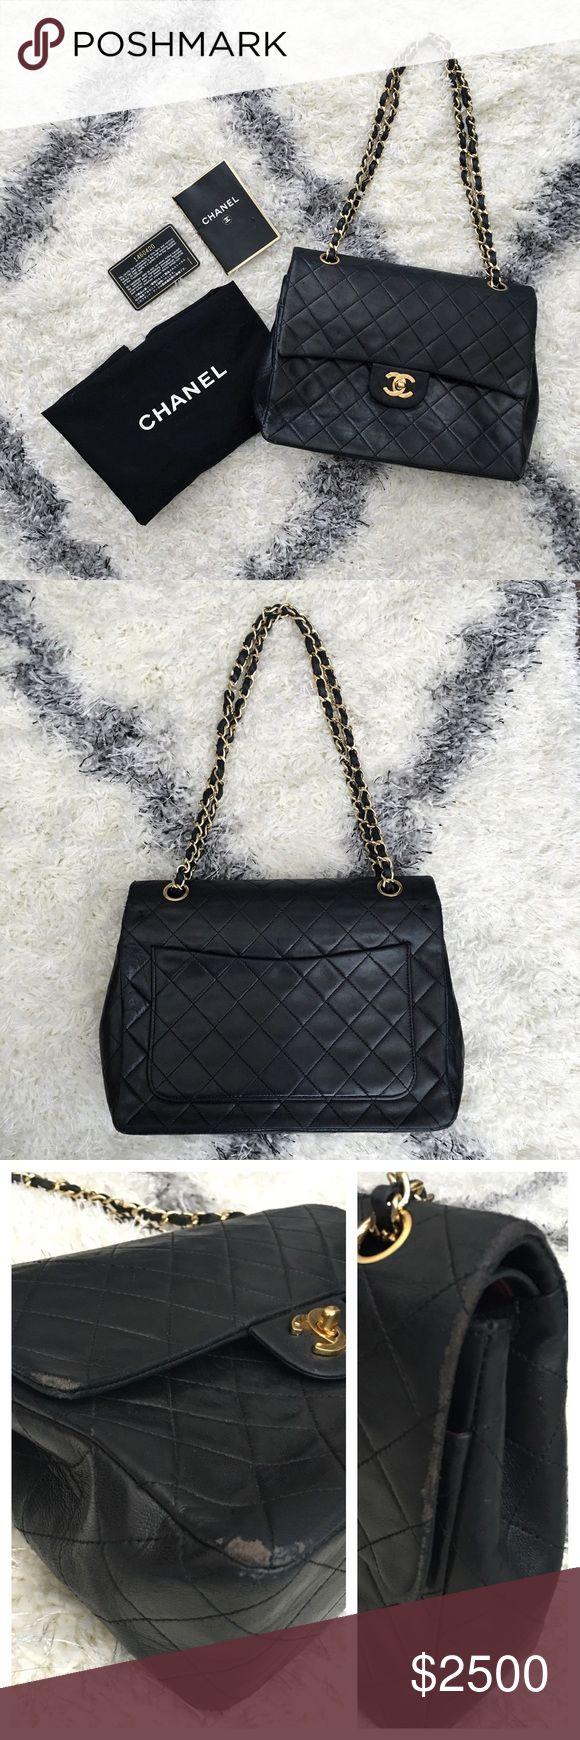 Chanel handbag superb vintage chanel bag vintage leather - Authentic Vintage Chanel Double Flap Bag